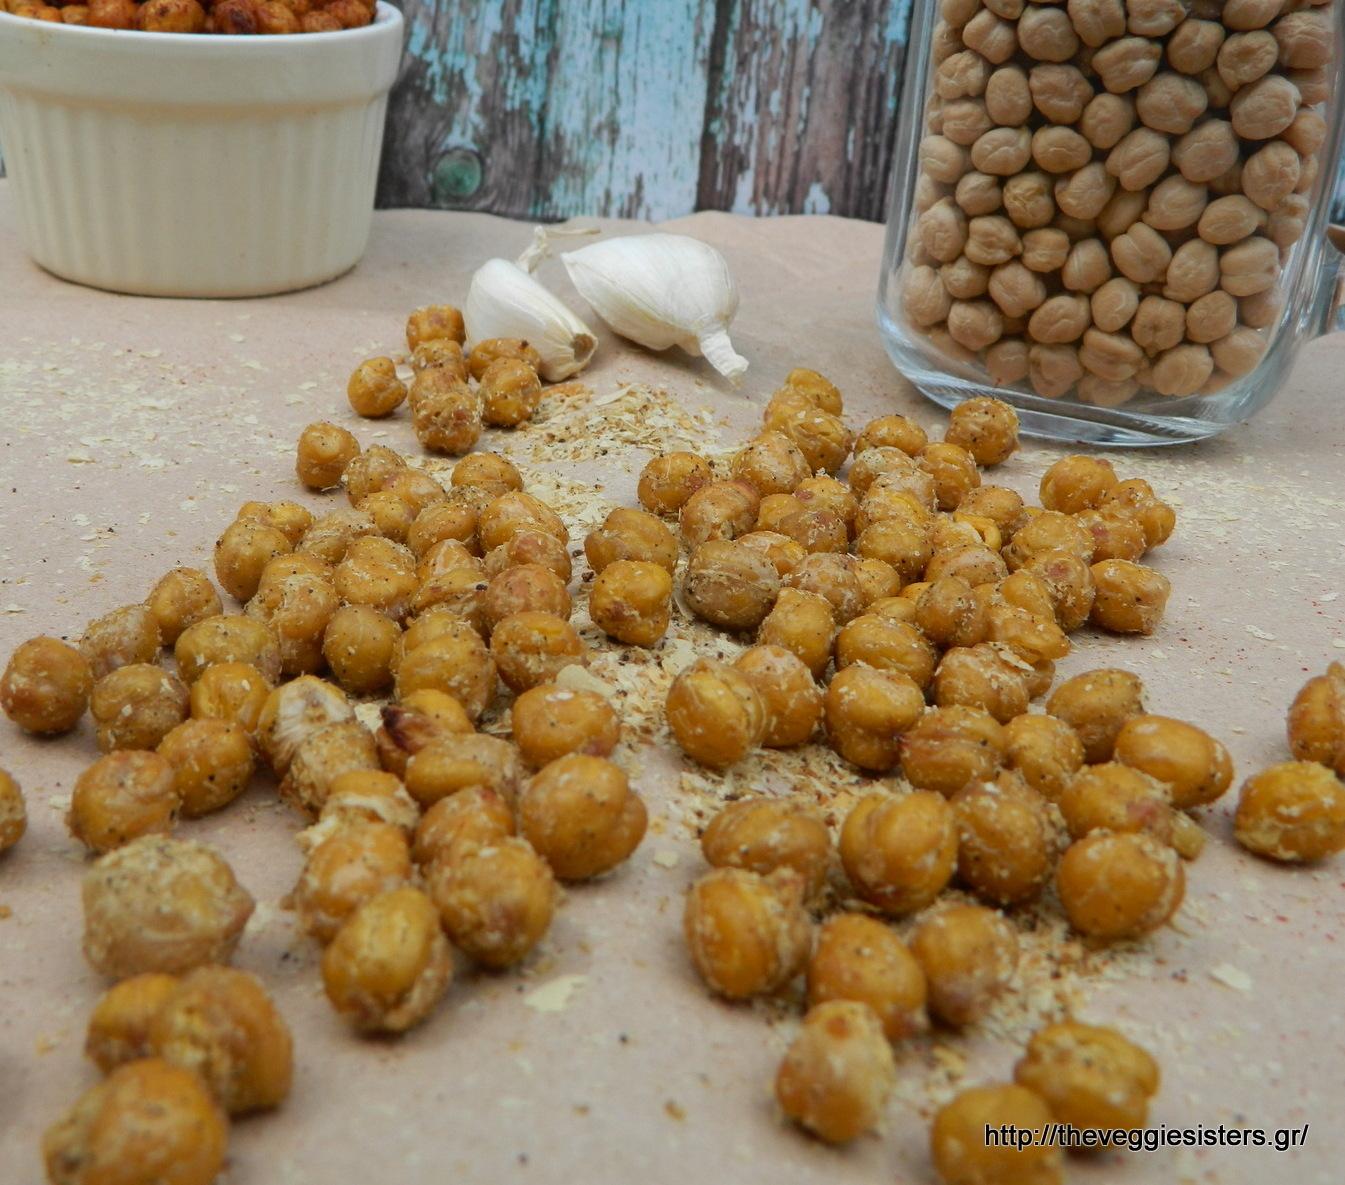 Ψητά ρεβύθια: το τέλειο σνακ! - Roasted chickpeas: a perfect snack!